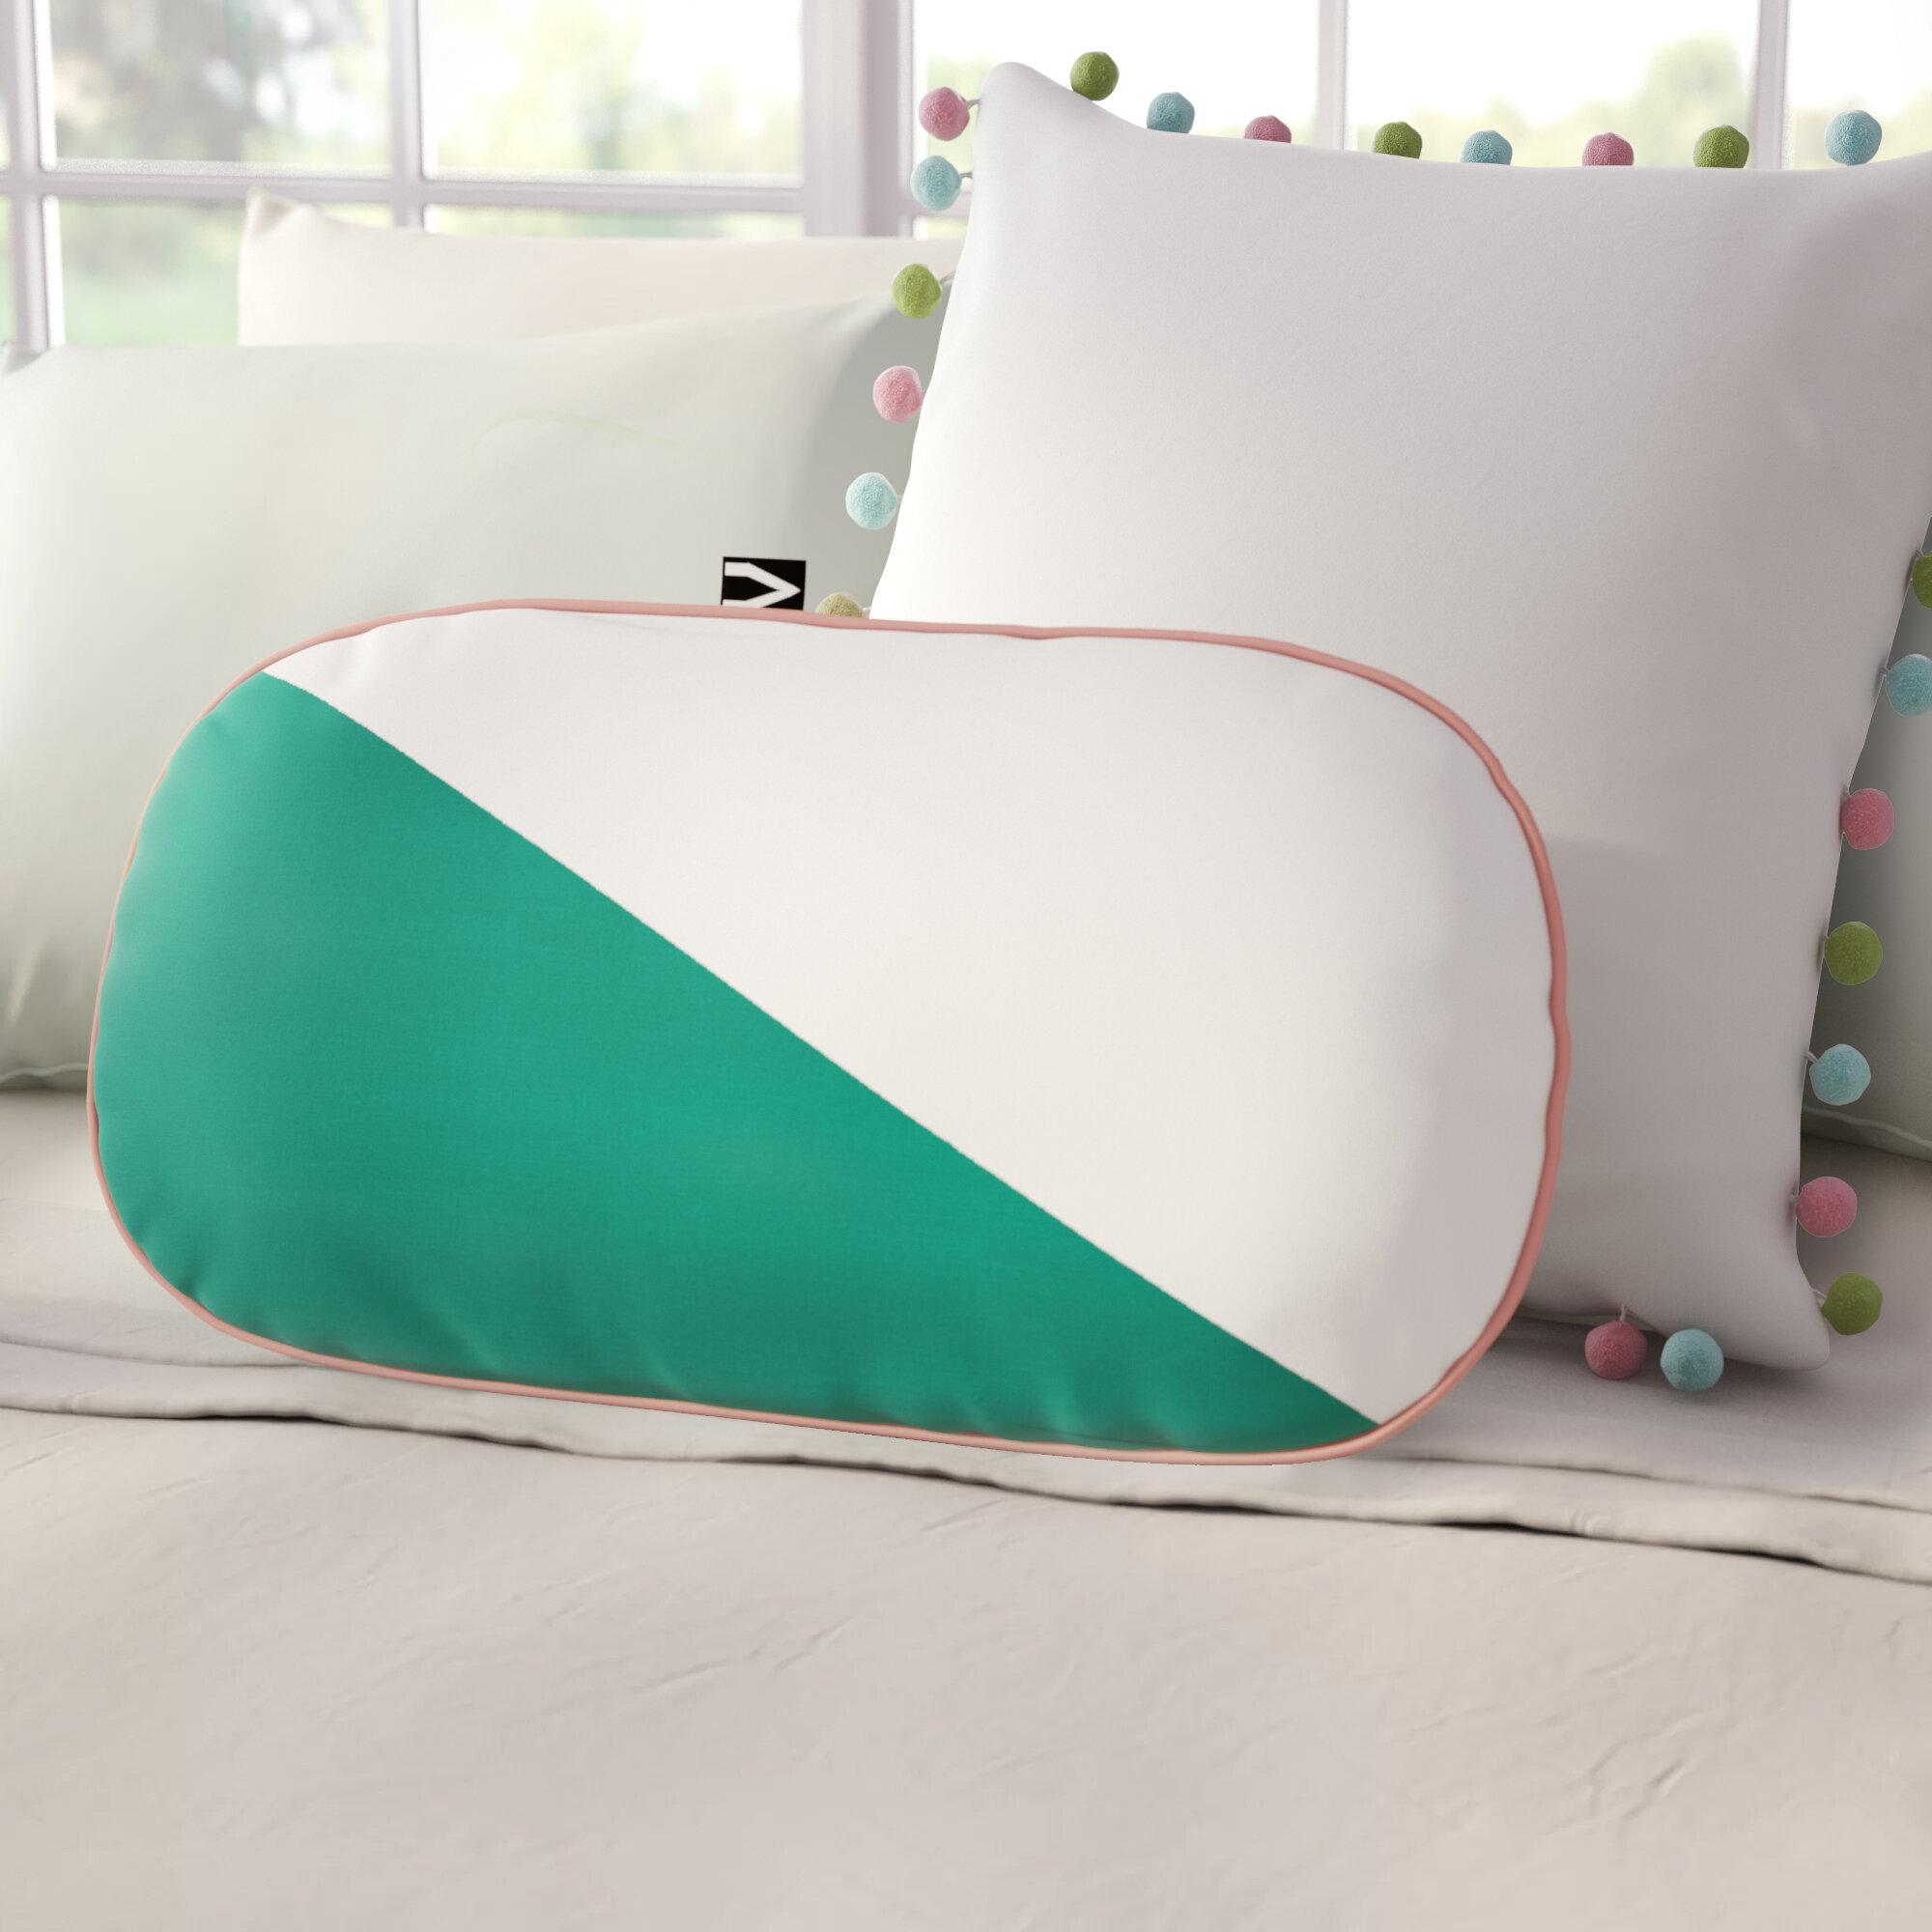 Astounding Gautier Studio Cotton Bolster Pillow Creativecarmelina Interior Chair Design Creativecarmelinacom